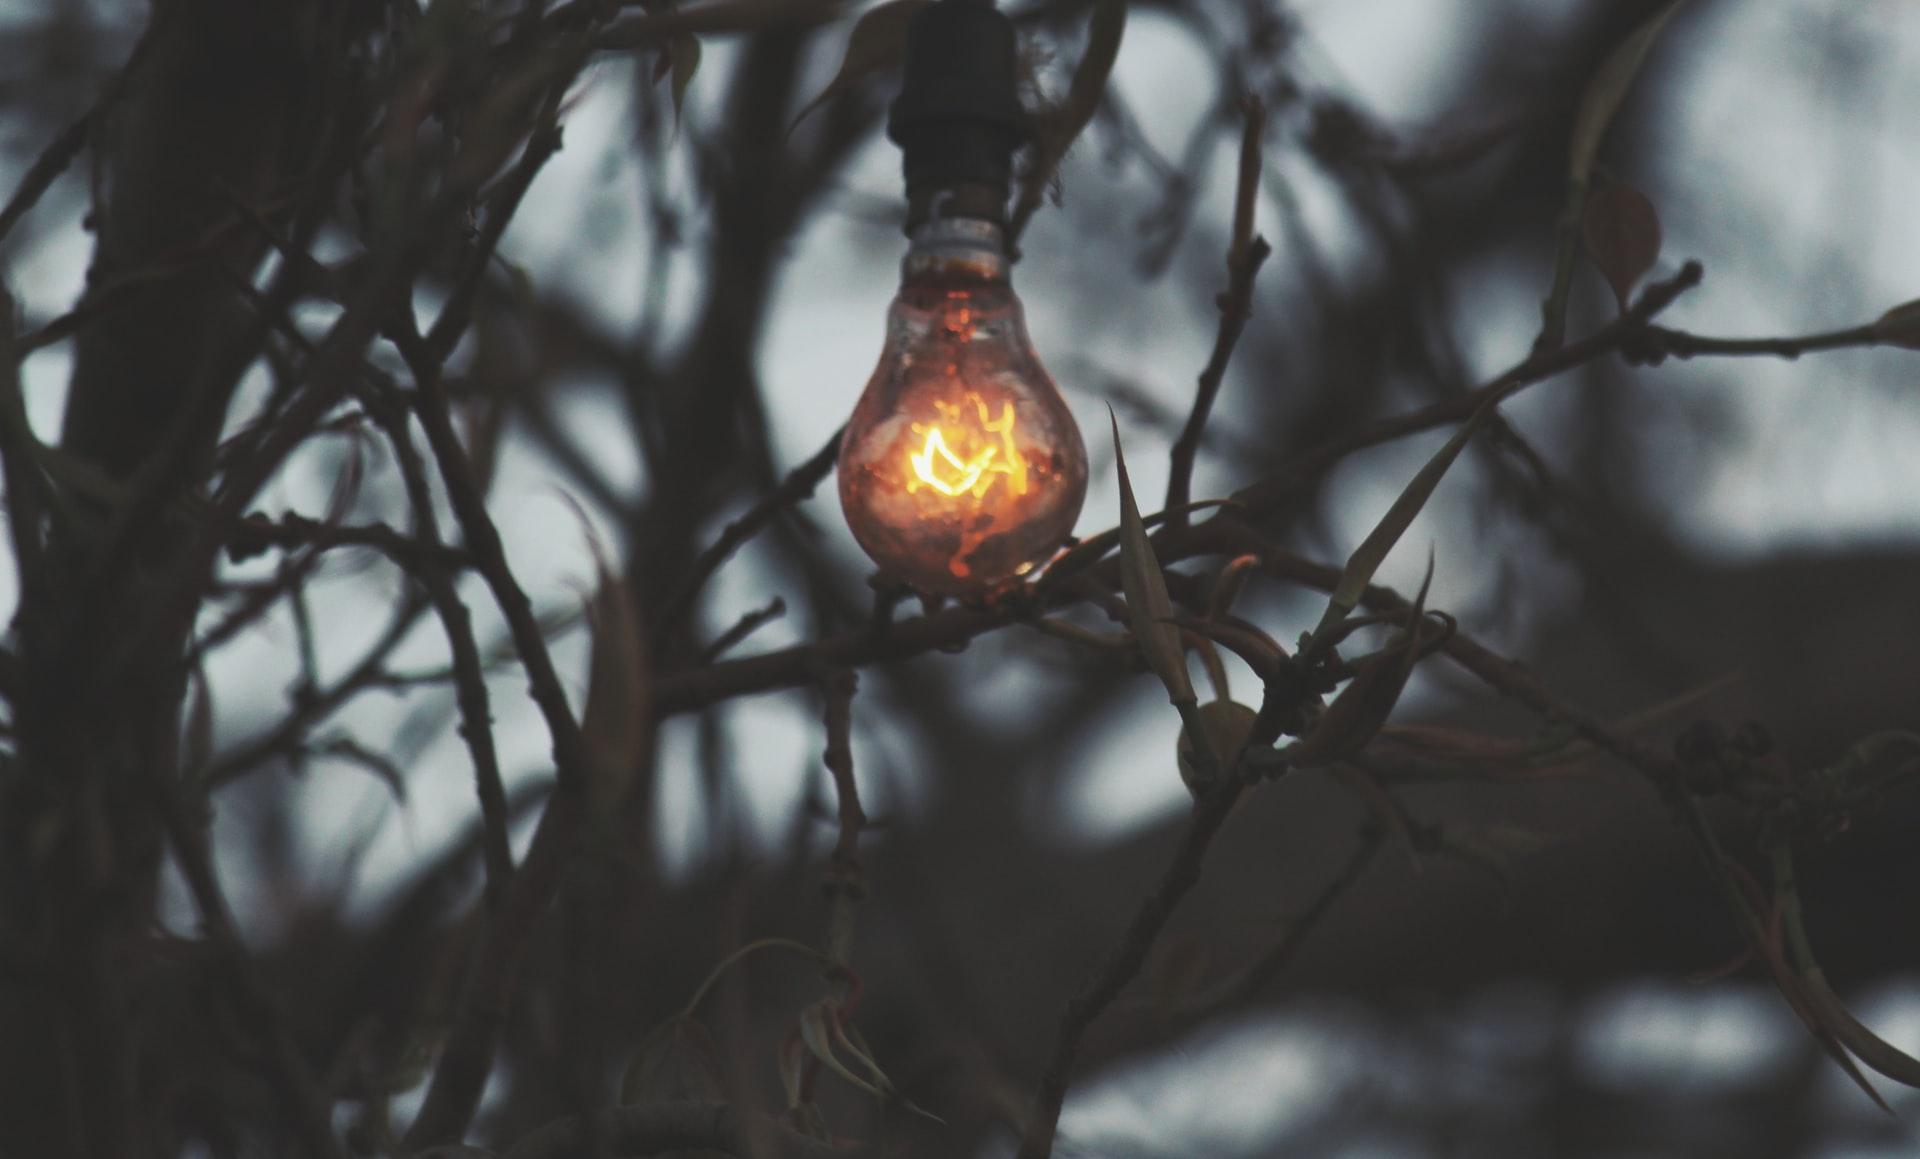 Nowoczesne oświetlenie ogrodowe - sprawdź najmodniejsze warianty 22